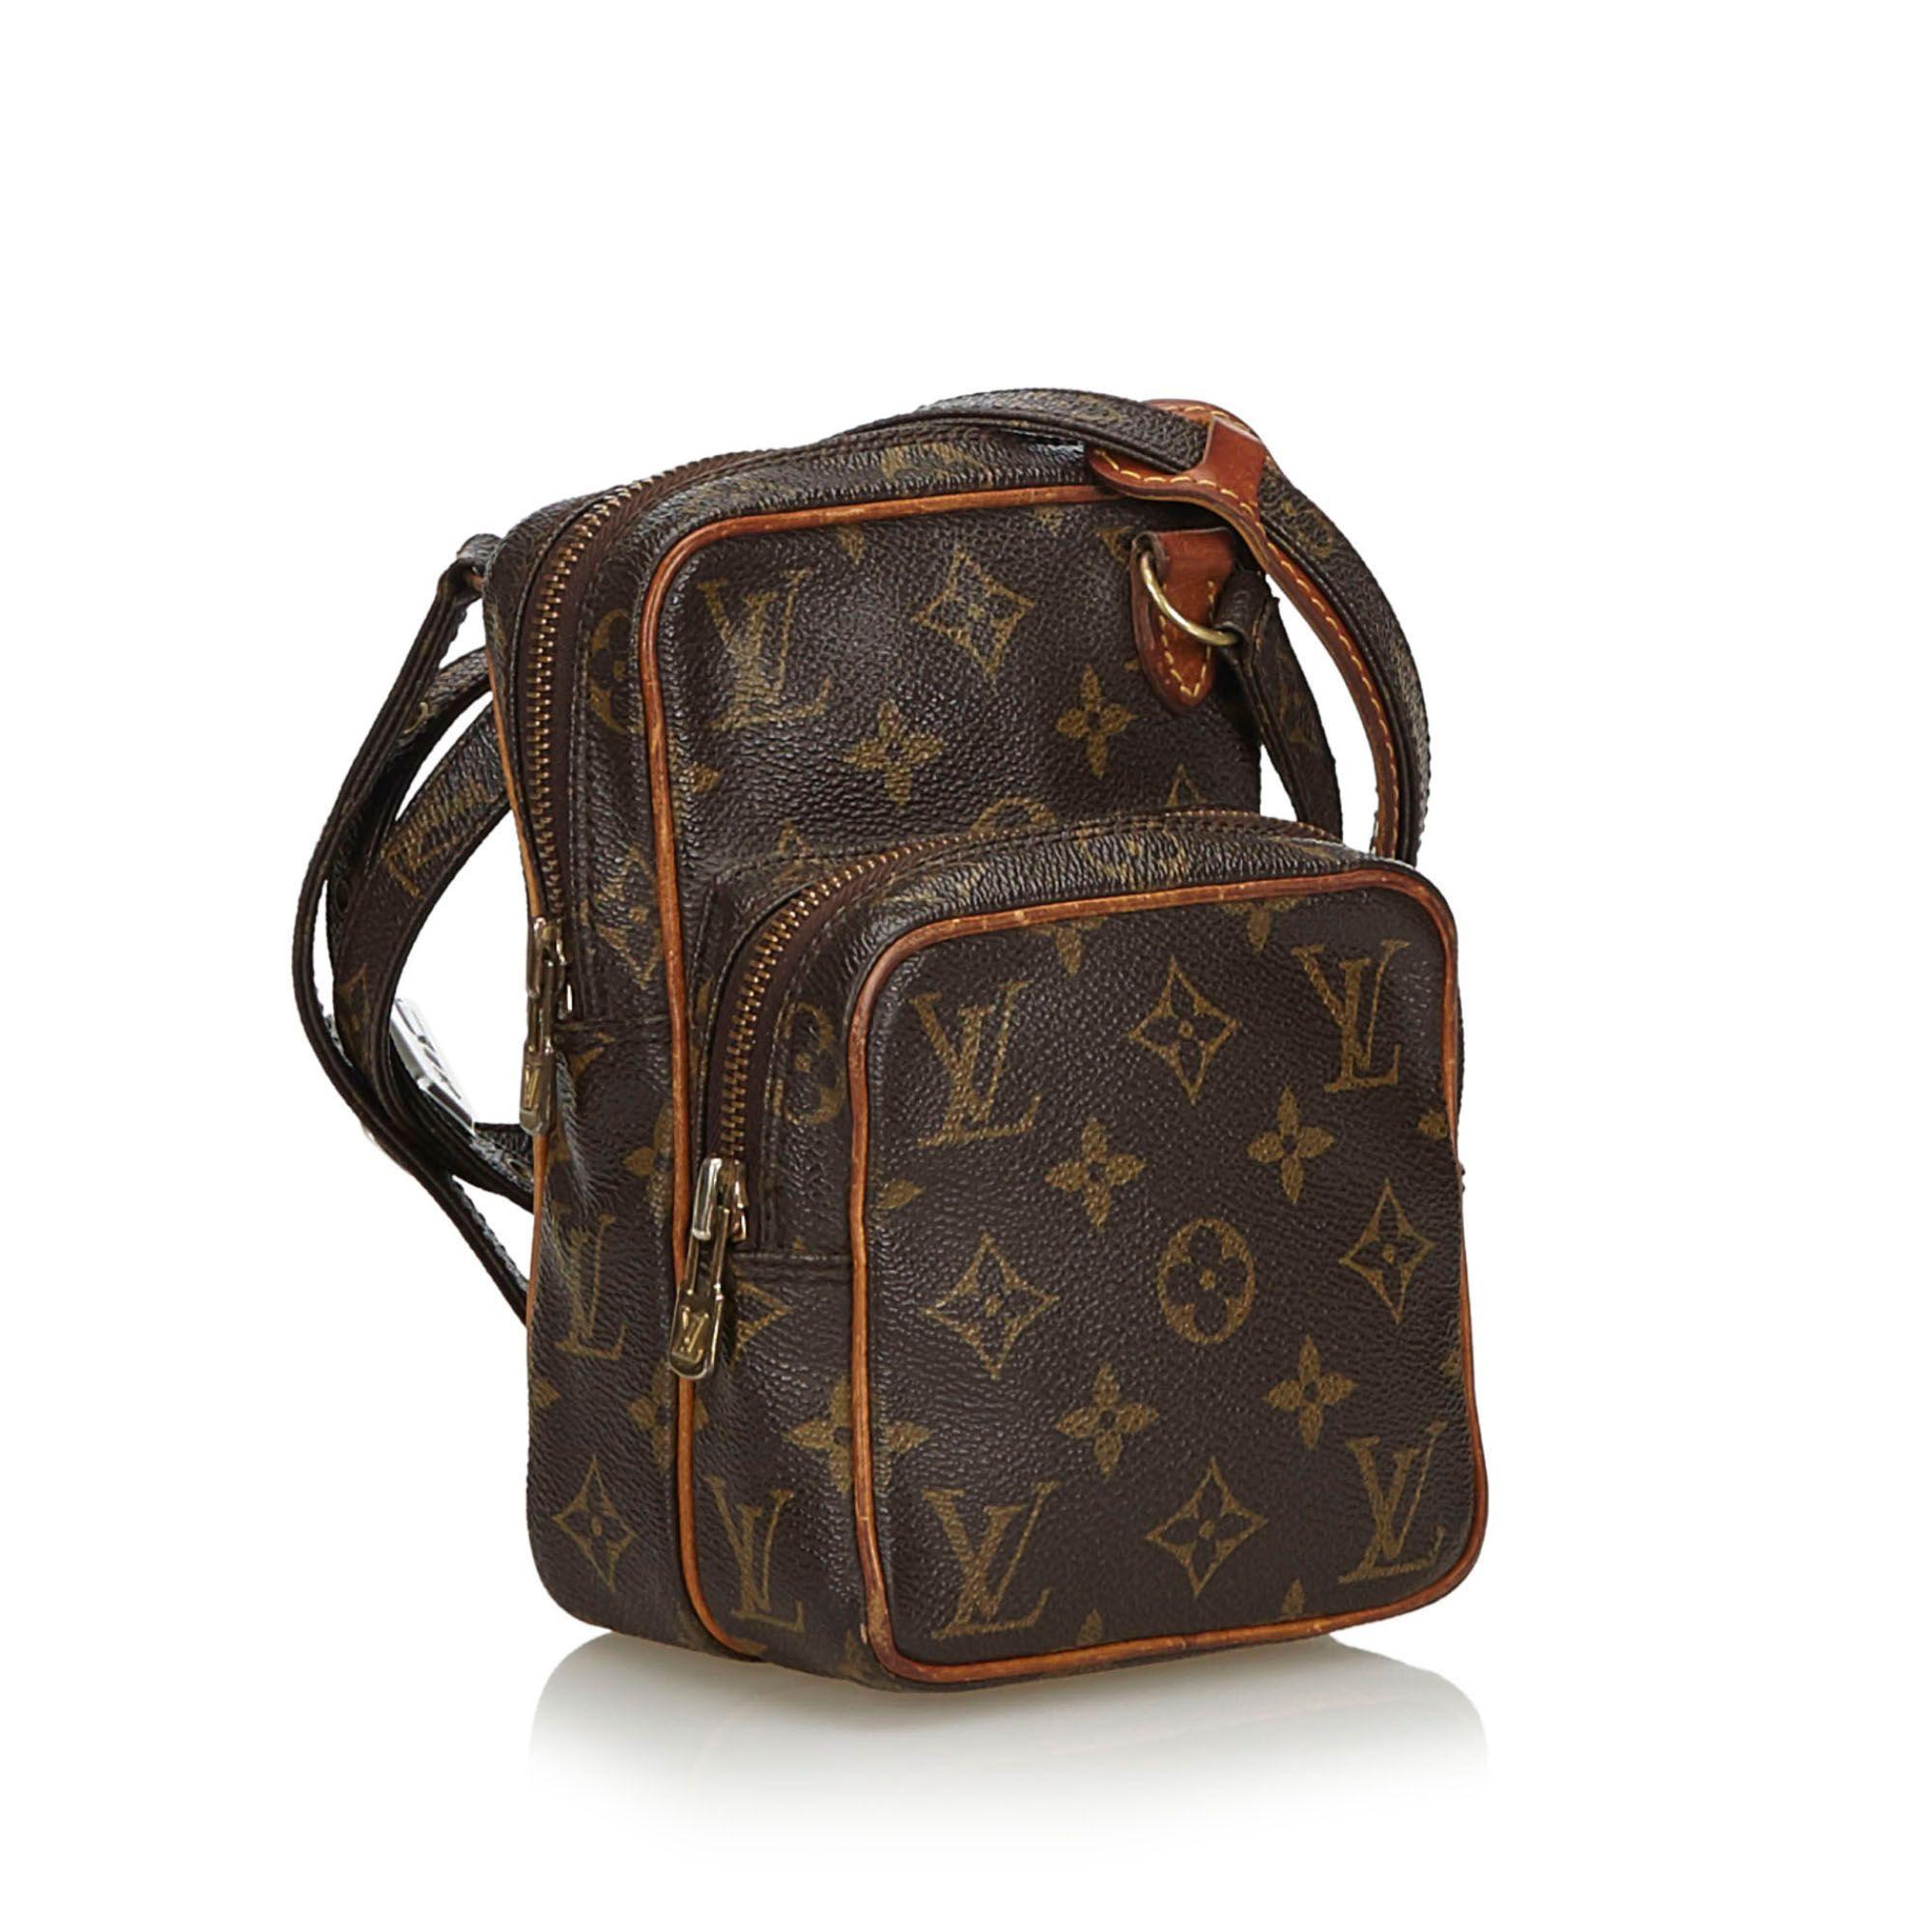 Vintage Louis Vuitton Monogram Mini Amazone Brown